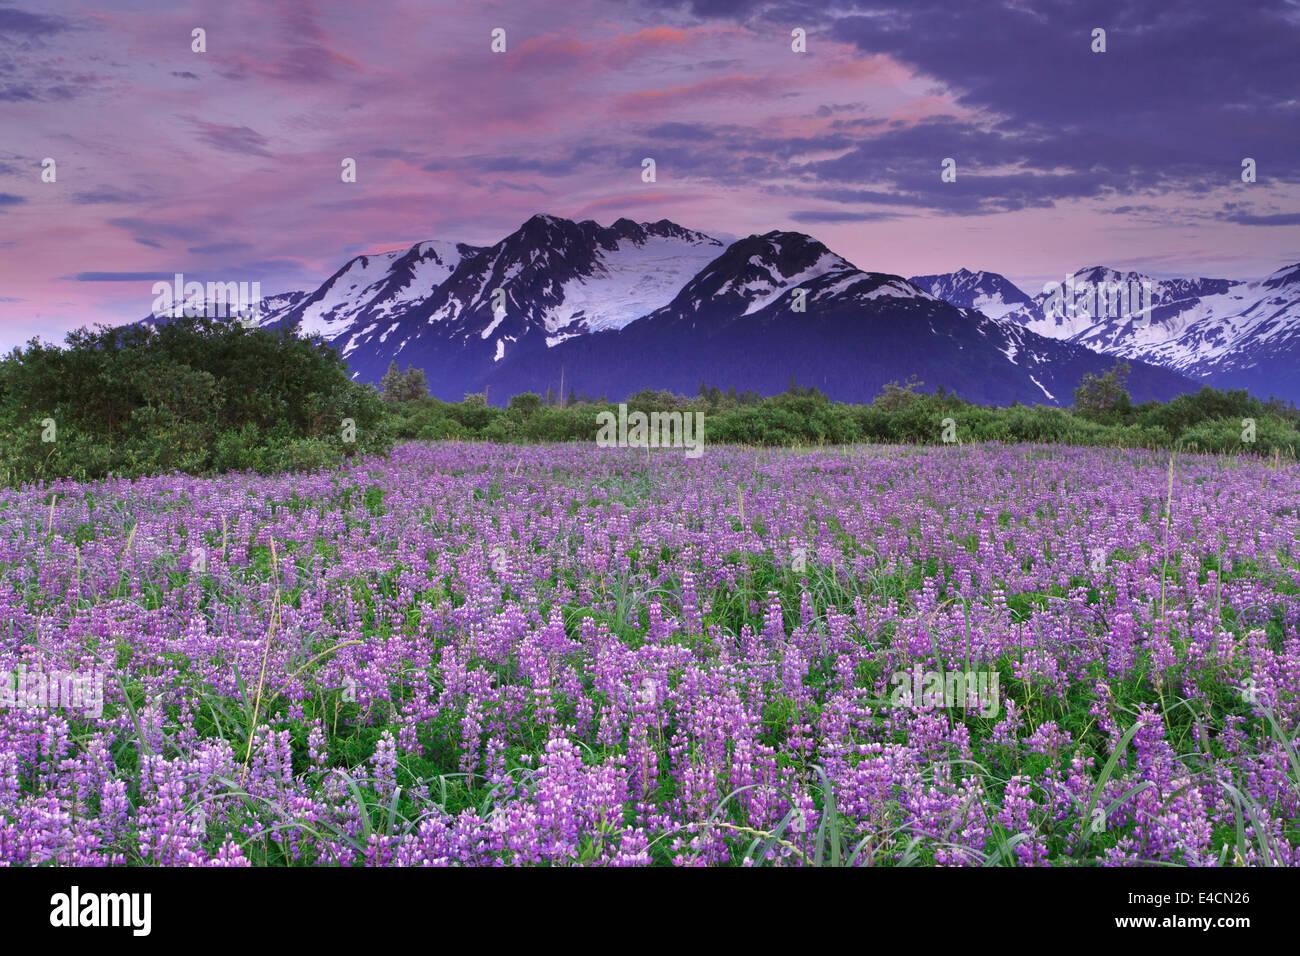 Campo de lupino flores silvestres a lo largo del brazo Turnagain, el Bosque Nacional de Chugach, Alaska. Imagen De Stock